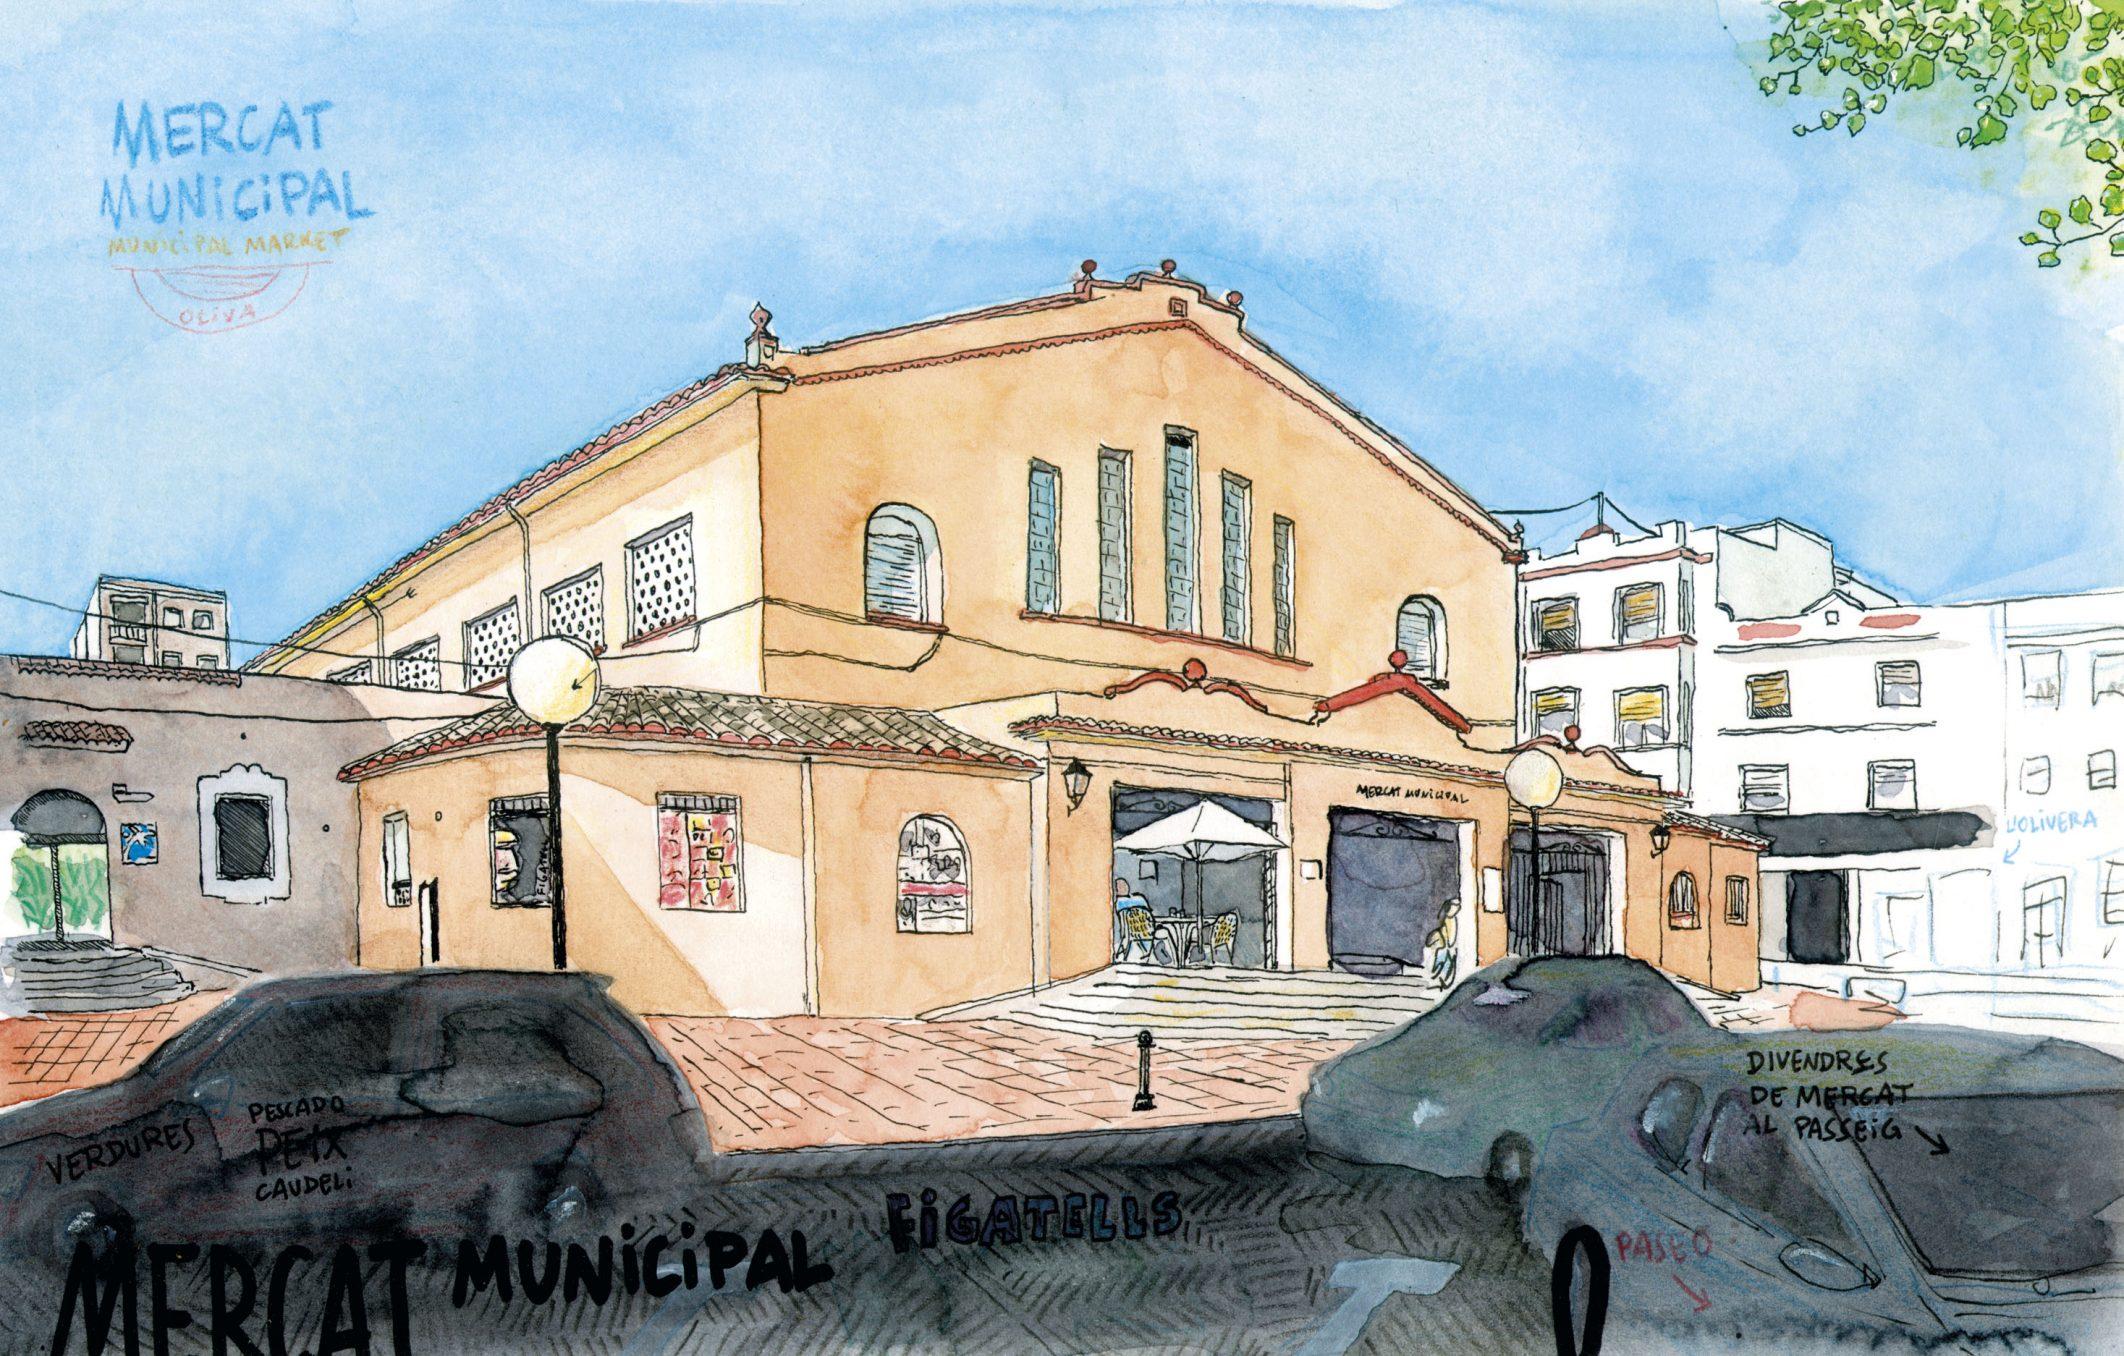 Dibujo del mercado municipal de oliva. Acuarela y tinta sobre papel. Valencia ilustrada. Pueblos españa